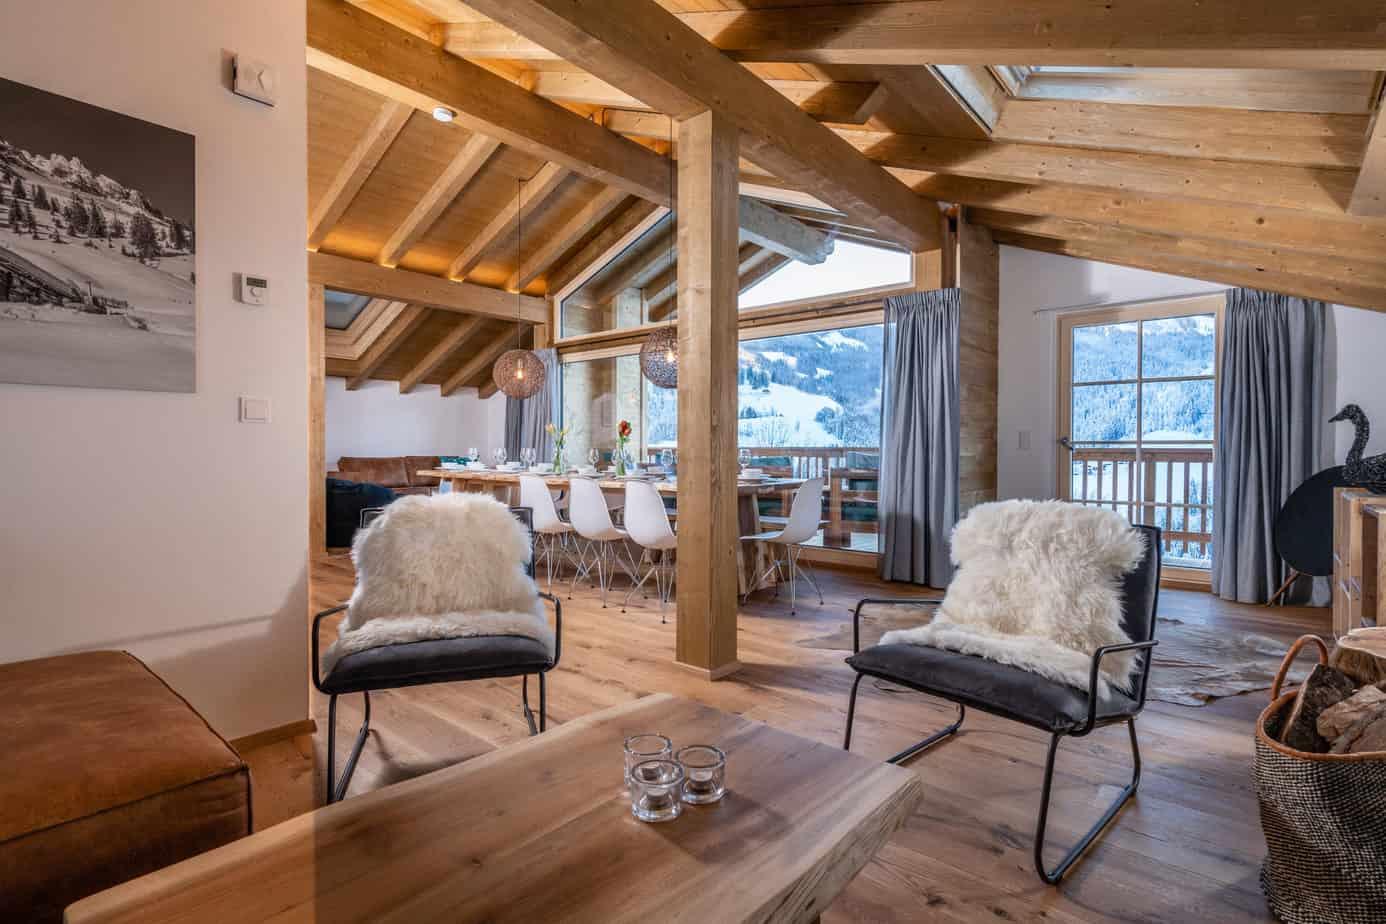 Woonkamer luxe lodge in Mühlbach am Hochkönig